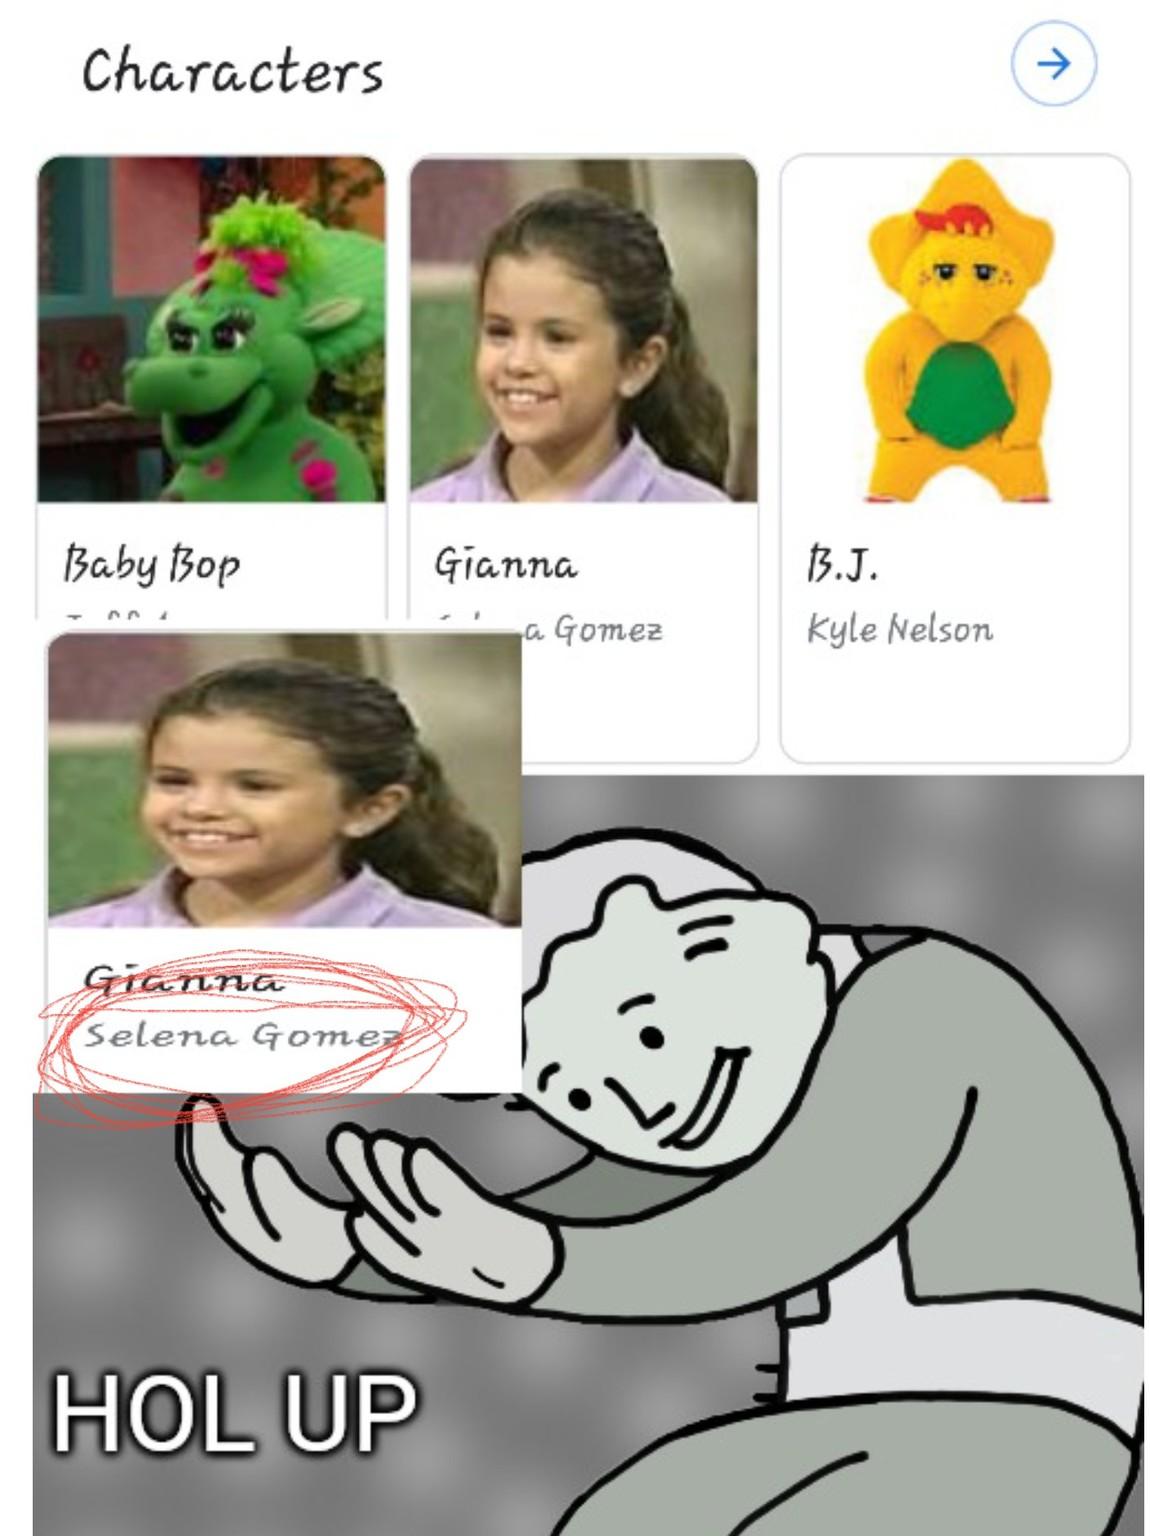 Selena gomez is in barney - meme